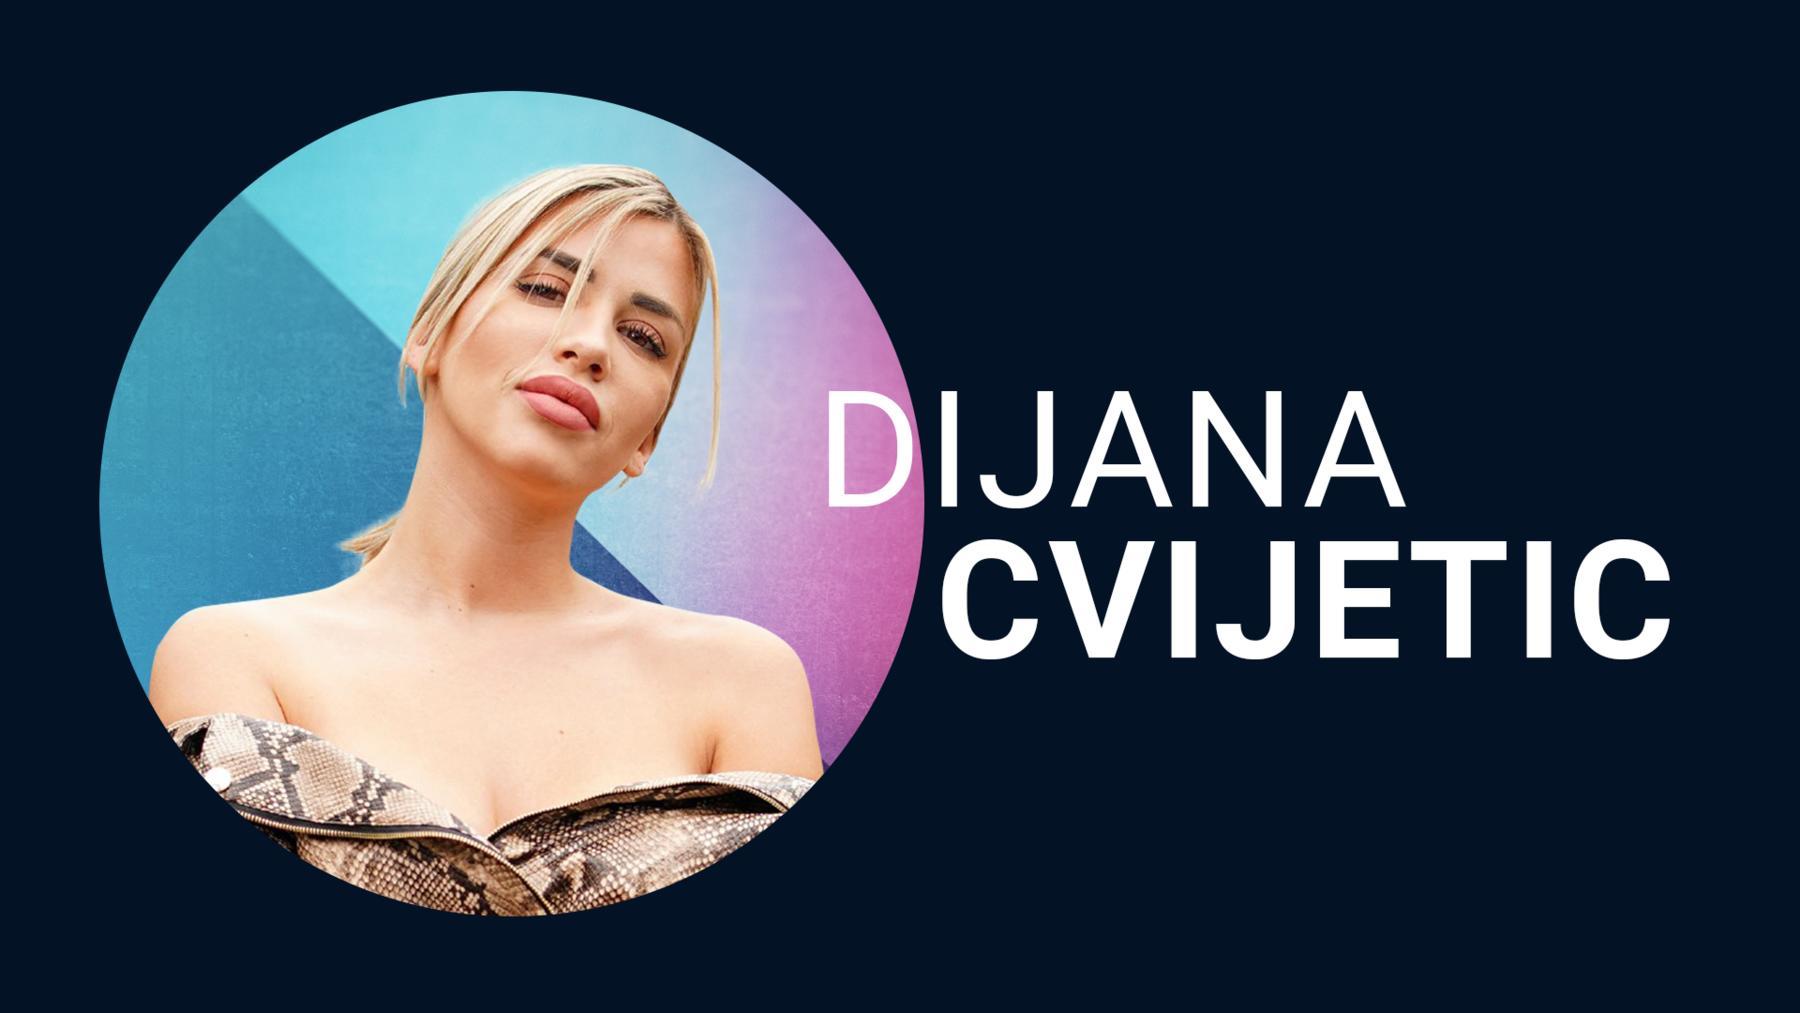 Dijana Cvijetic